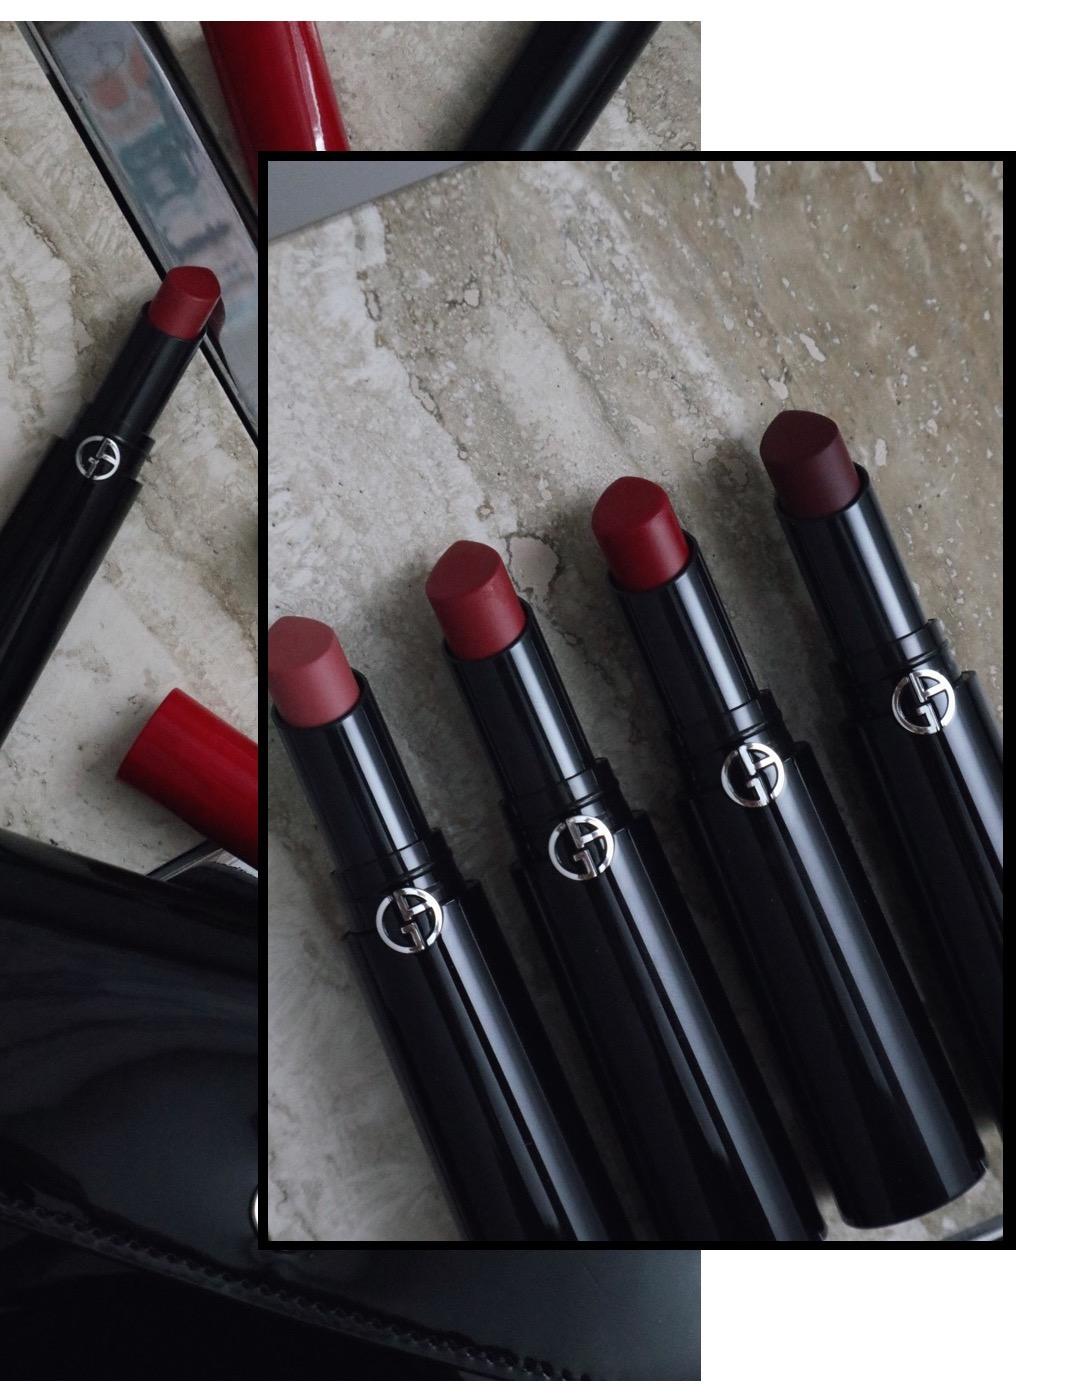 Armani Beauty Lip Power Vivid Colour Long Wear Lipstick: A quick review